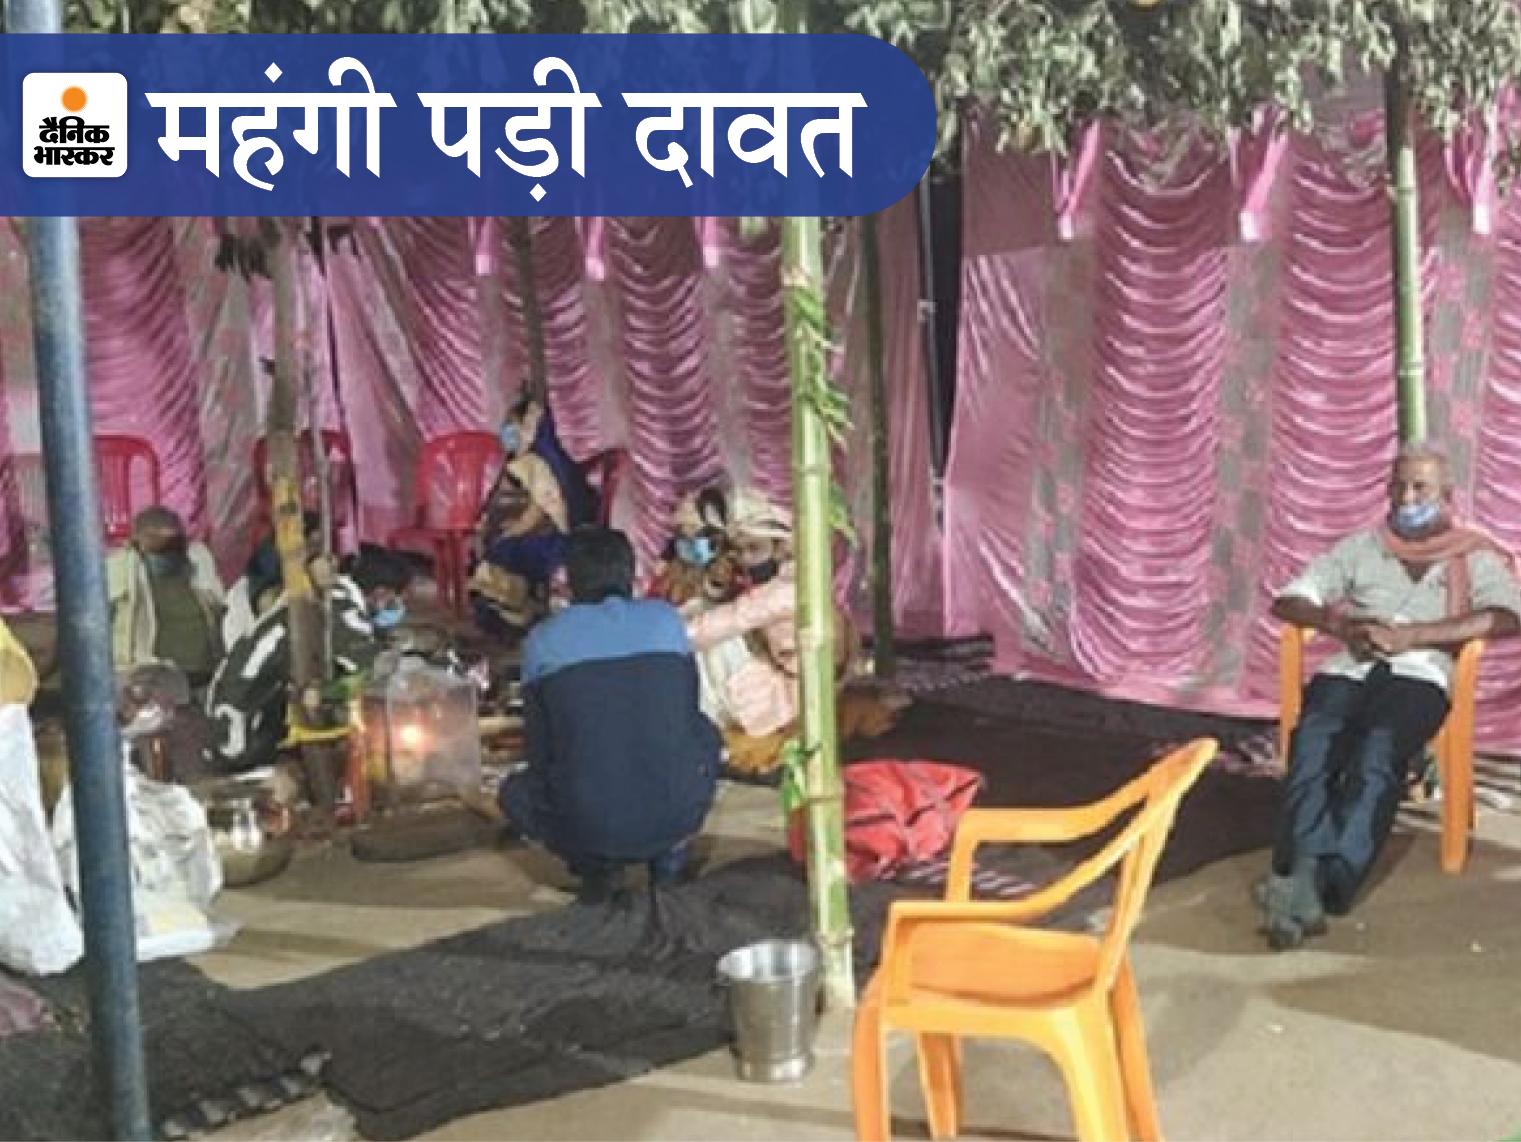 GPM में बिना अनुमति कराई बेटी की शादी, अब 69 लोग संक्रमित, परिवार के भी 5 सदस्य; सूरजपुर में 60 लोगों के भोज पर FIR छत्तीसगढ़,Chhattisgarh - Dainik Bhaskar